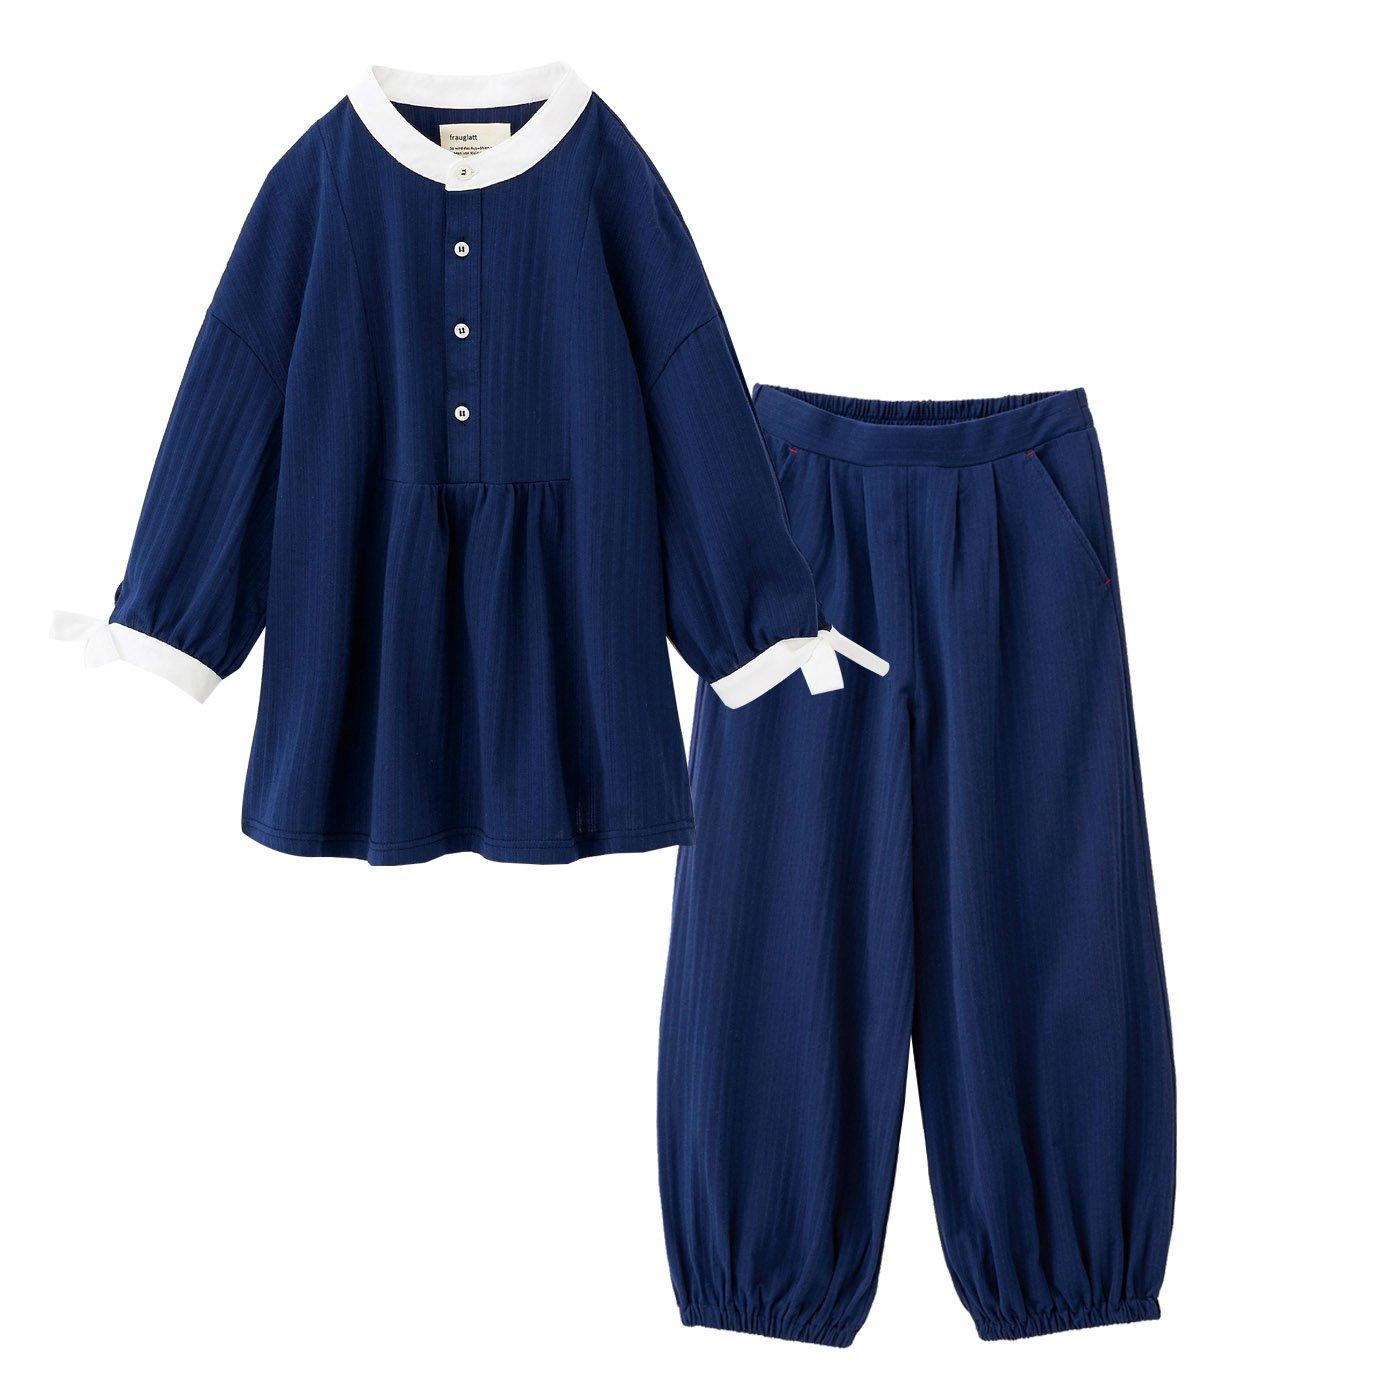 フラウグラット 布帛(ふはく)見えするのに実はらくちん ちょっと外にも部屋着にもそのまま寝られるウェアセット〈ネイビー×ネイビー(織り柄)〉